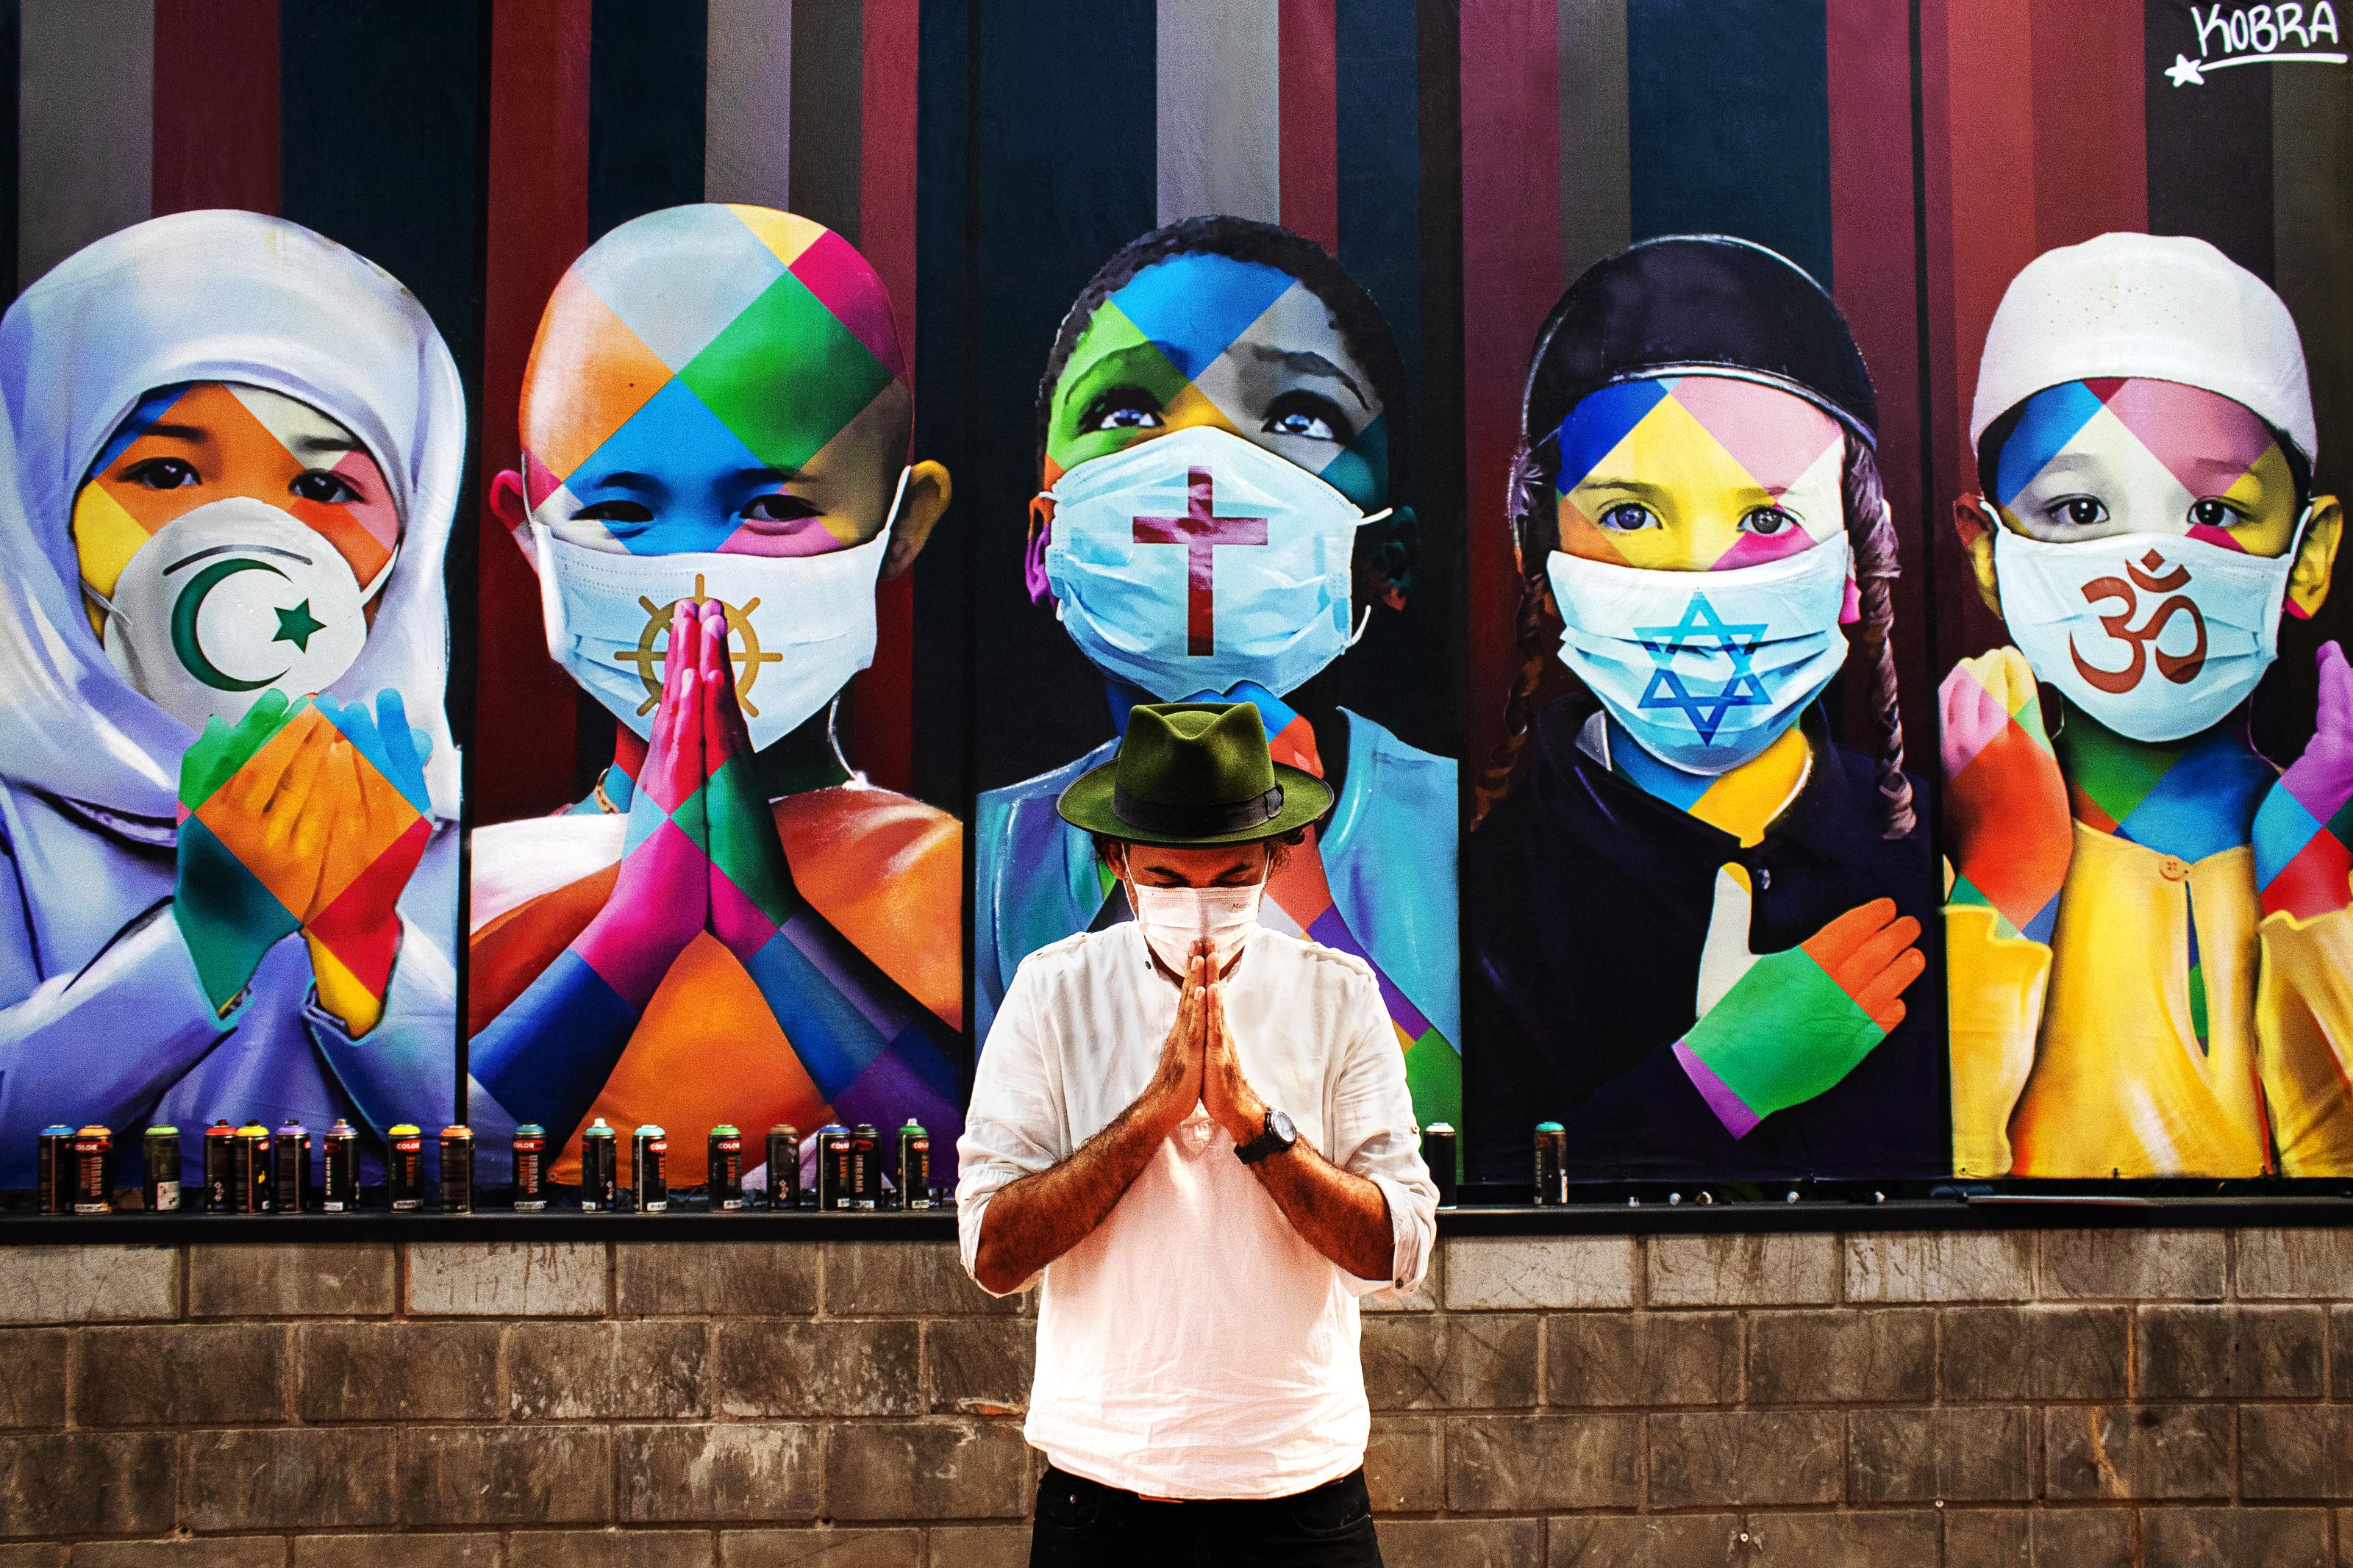 Cinco crianças em oração representam os cinco continentes do planeta e cinco religiões em obra de Kobra exposta em Itu, interior paulista.